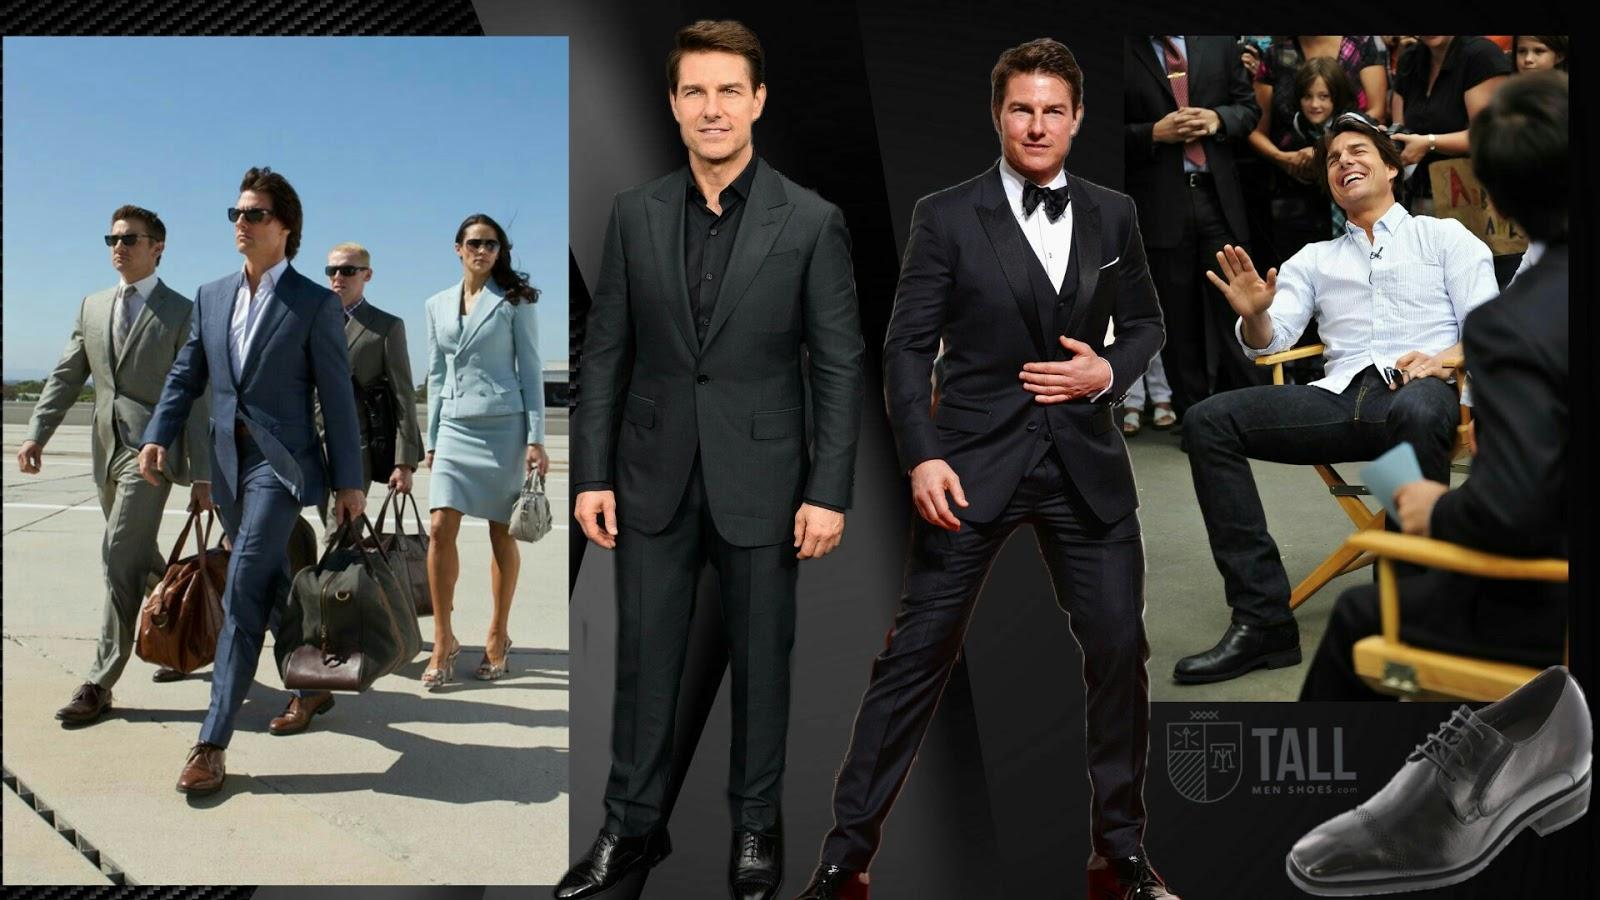 El éxito de Tom Cruise con los zapatos de alza